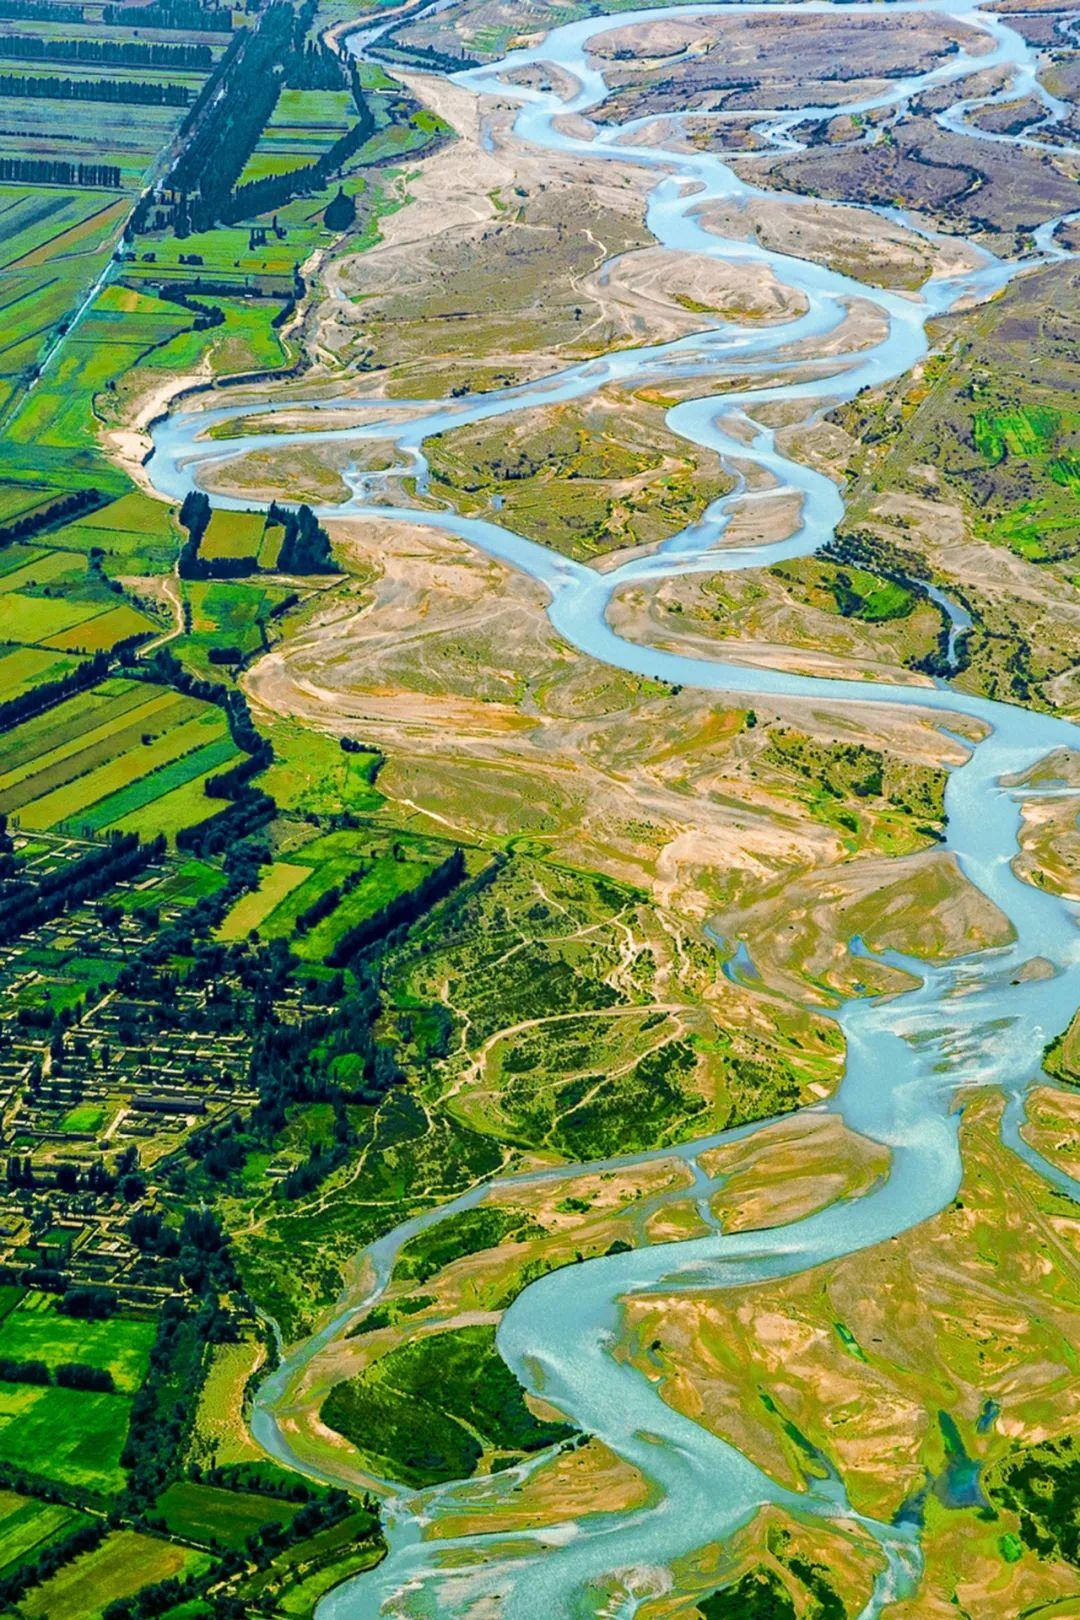 ▲ 伊犁河,河水摆荡不定,如同少女散开的发辫。摄影/赖宇宁